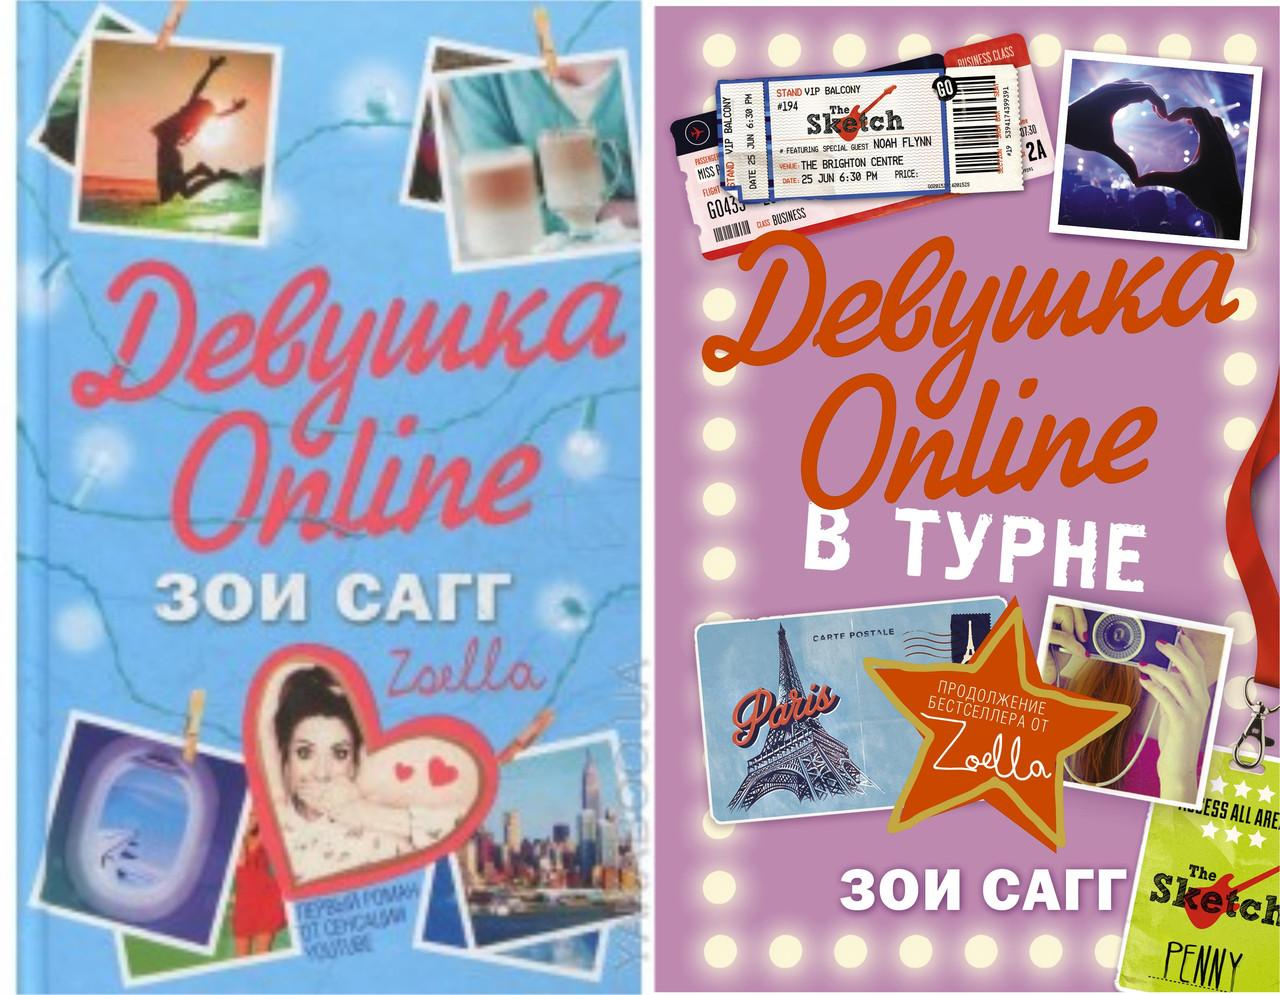 Зои Сагг Девушка Online в турне и Девушка онлайн 2 книги Зоеллы комплект твердый переплет